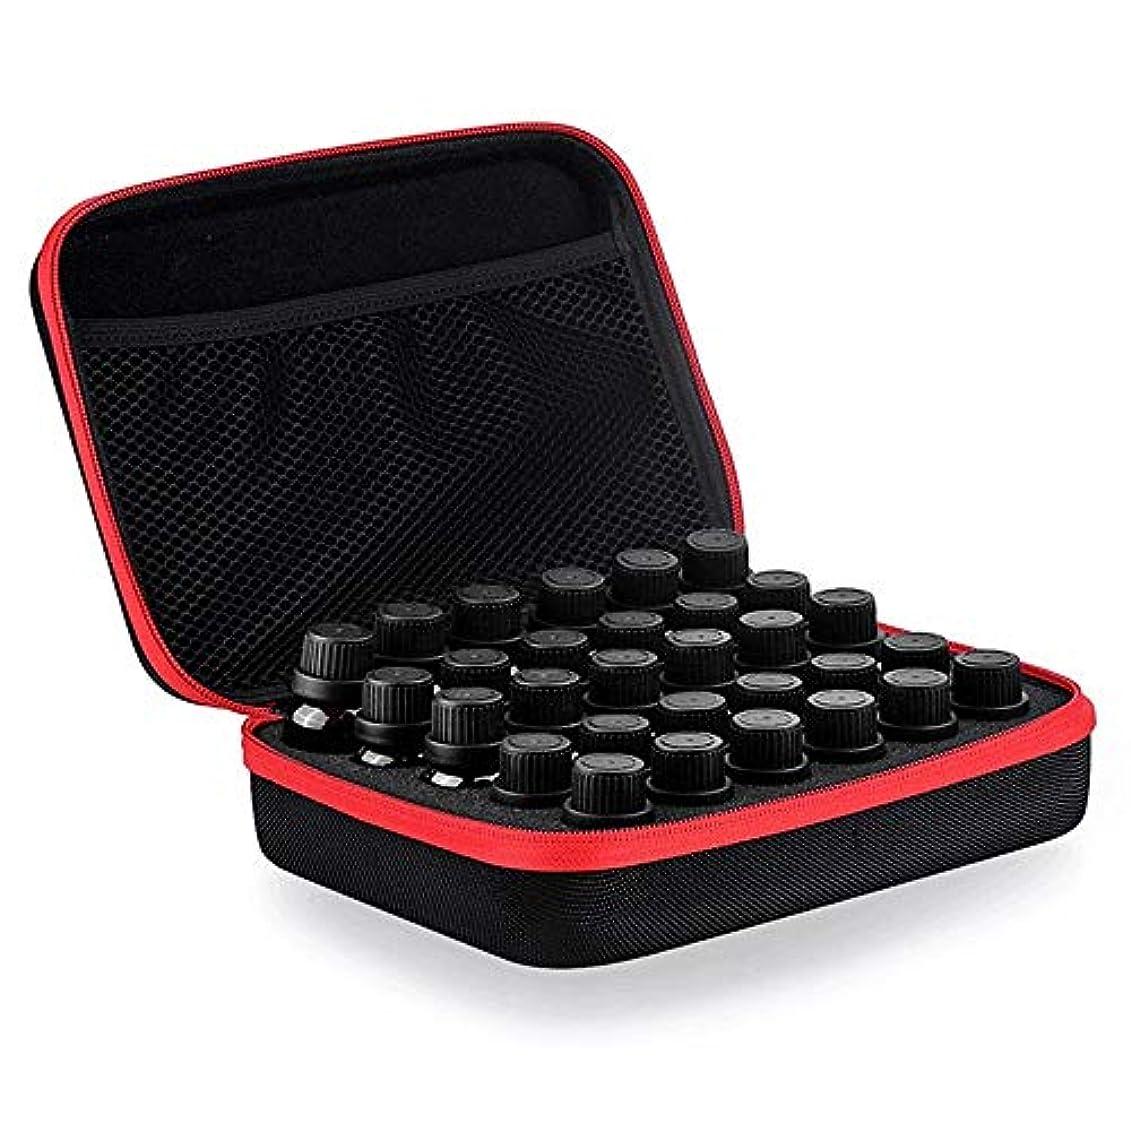 穿孔する確実店員アロマセラピー収納ボックス 5ミリリットルを取るためにスーツケースに保持された油の30種類、10ミリリットル15ミリリットルボトル外観EVAハードシェル石油貯蔵バッグハンドルOrganzier完璧なディスプレイケース油...